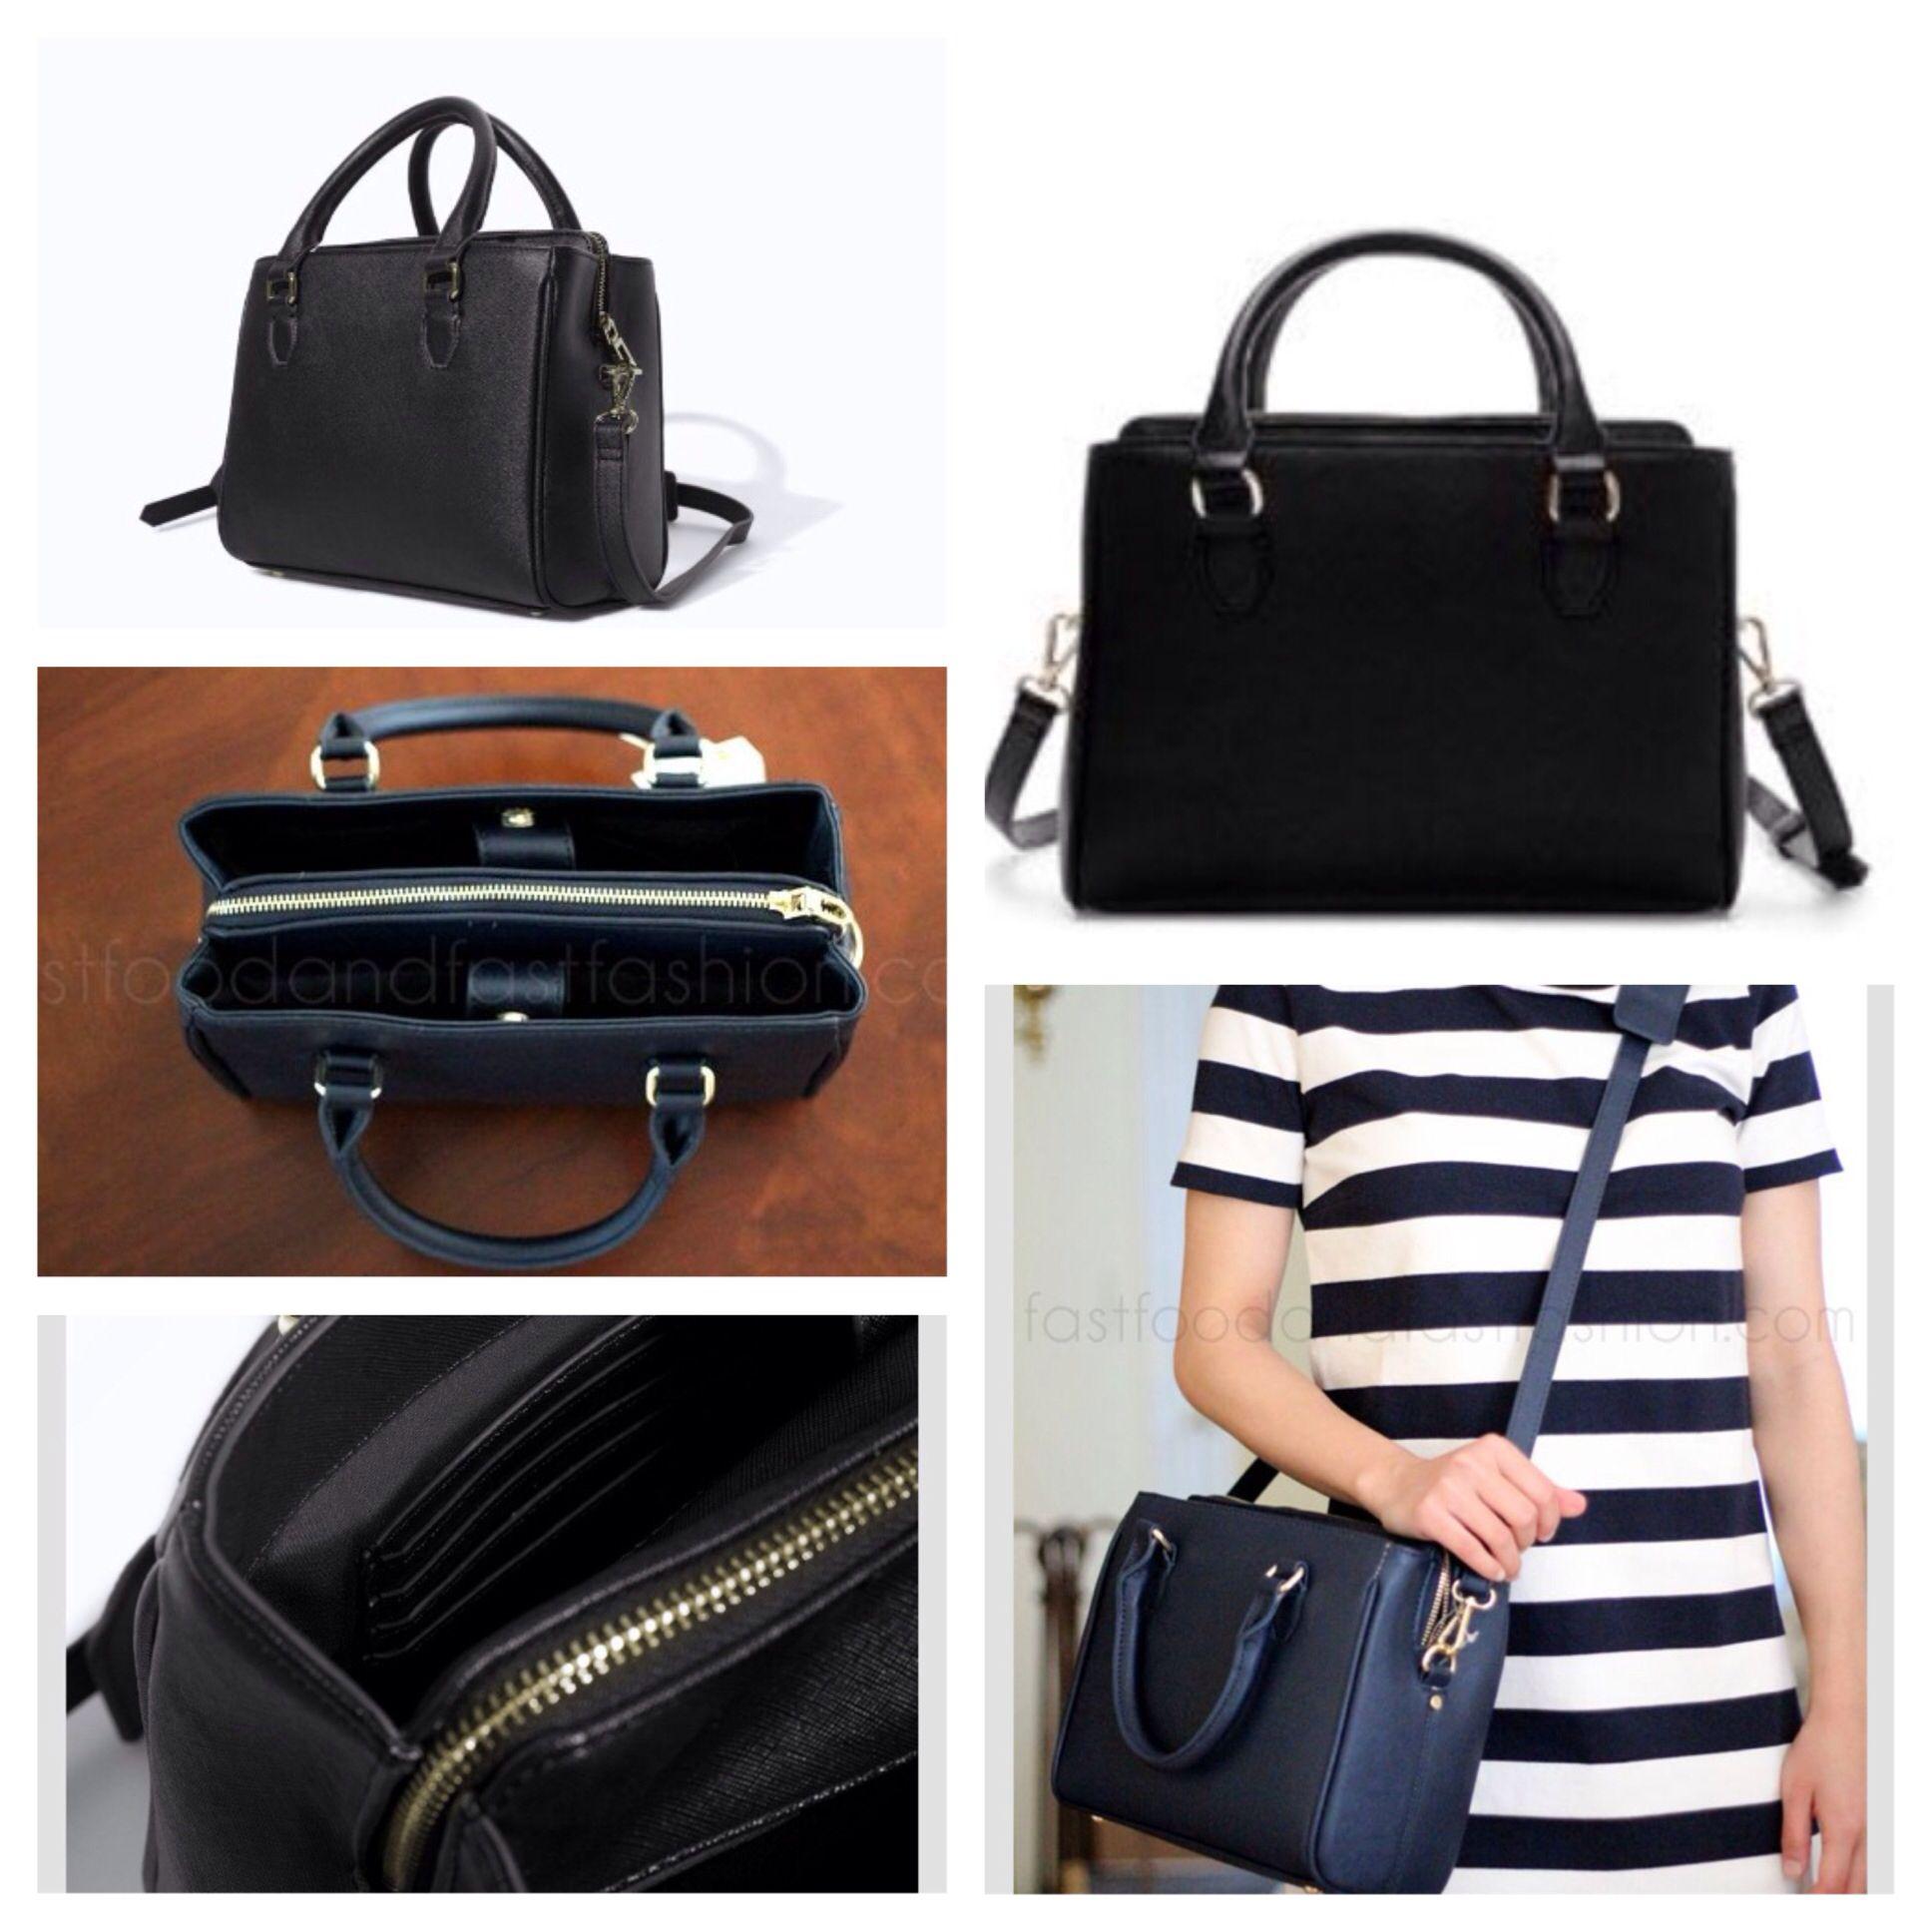 Mini leather tote bag zara - Zara Mini Office City Bag